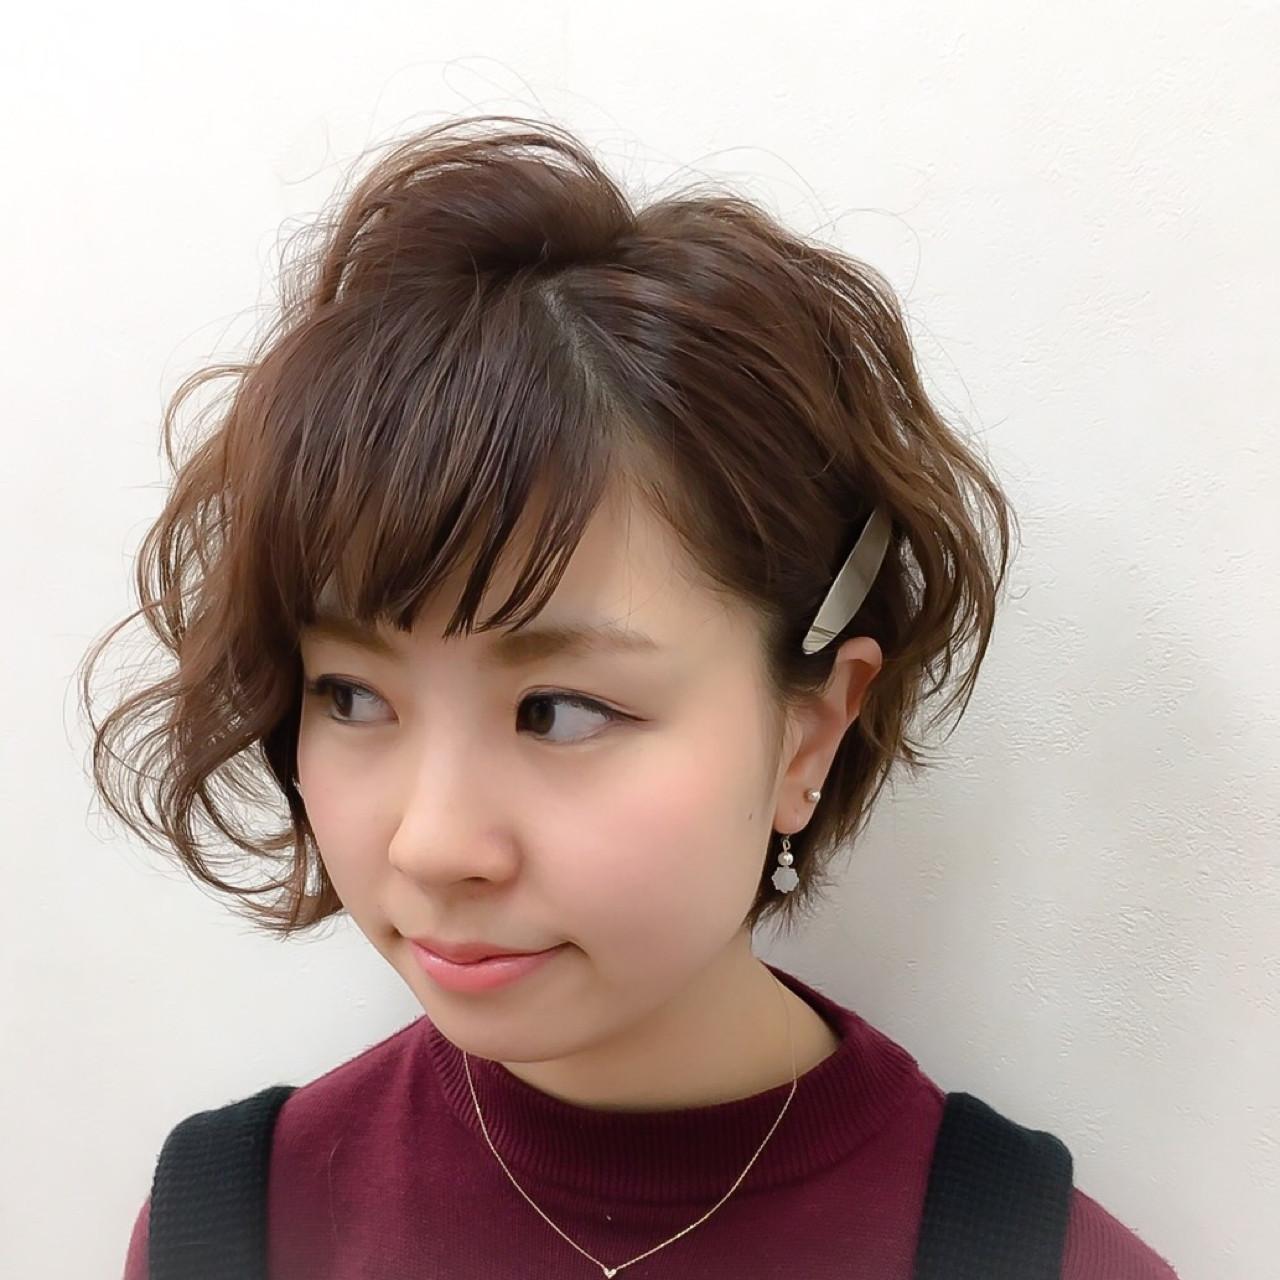 すぐにできるショートの簡単アレンジヘア Katsuhito Emori | 電髪倶楽部street